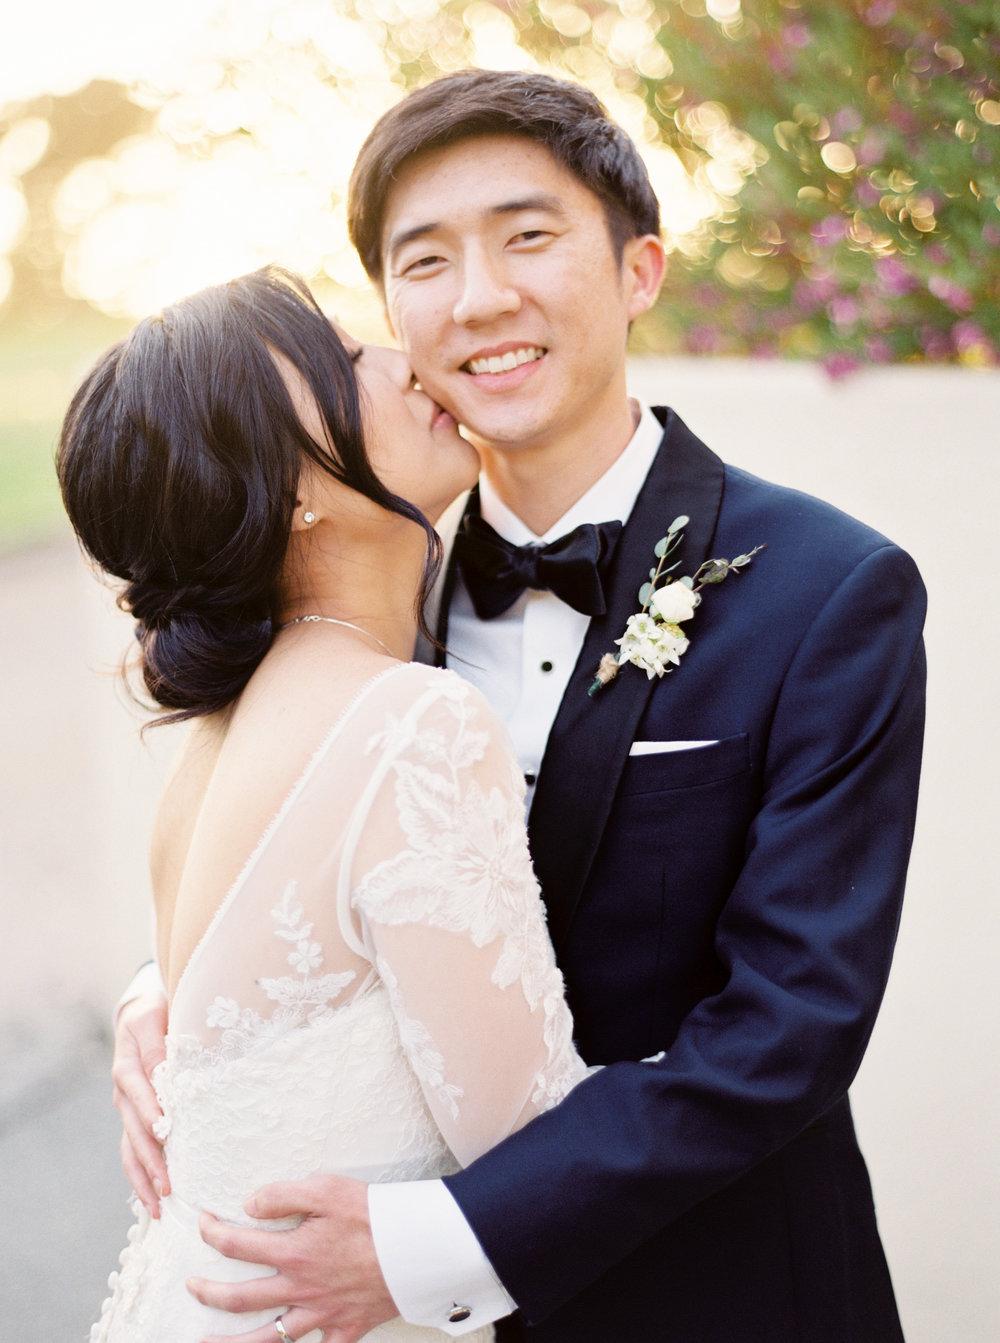 carmel-wedding-at-wedgewood-carmel-california-77.jpg